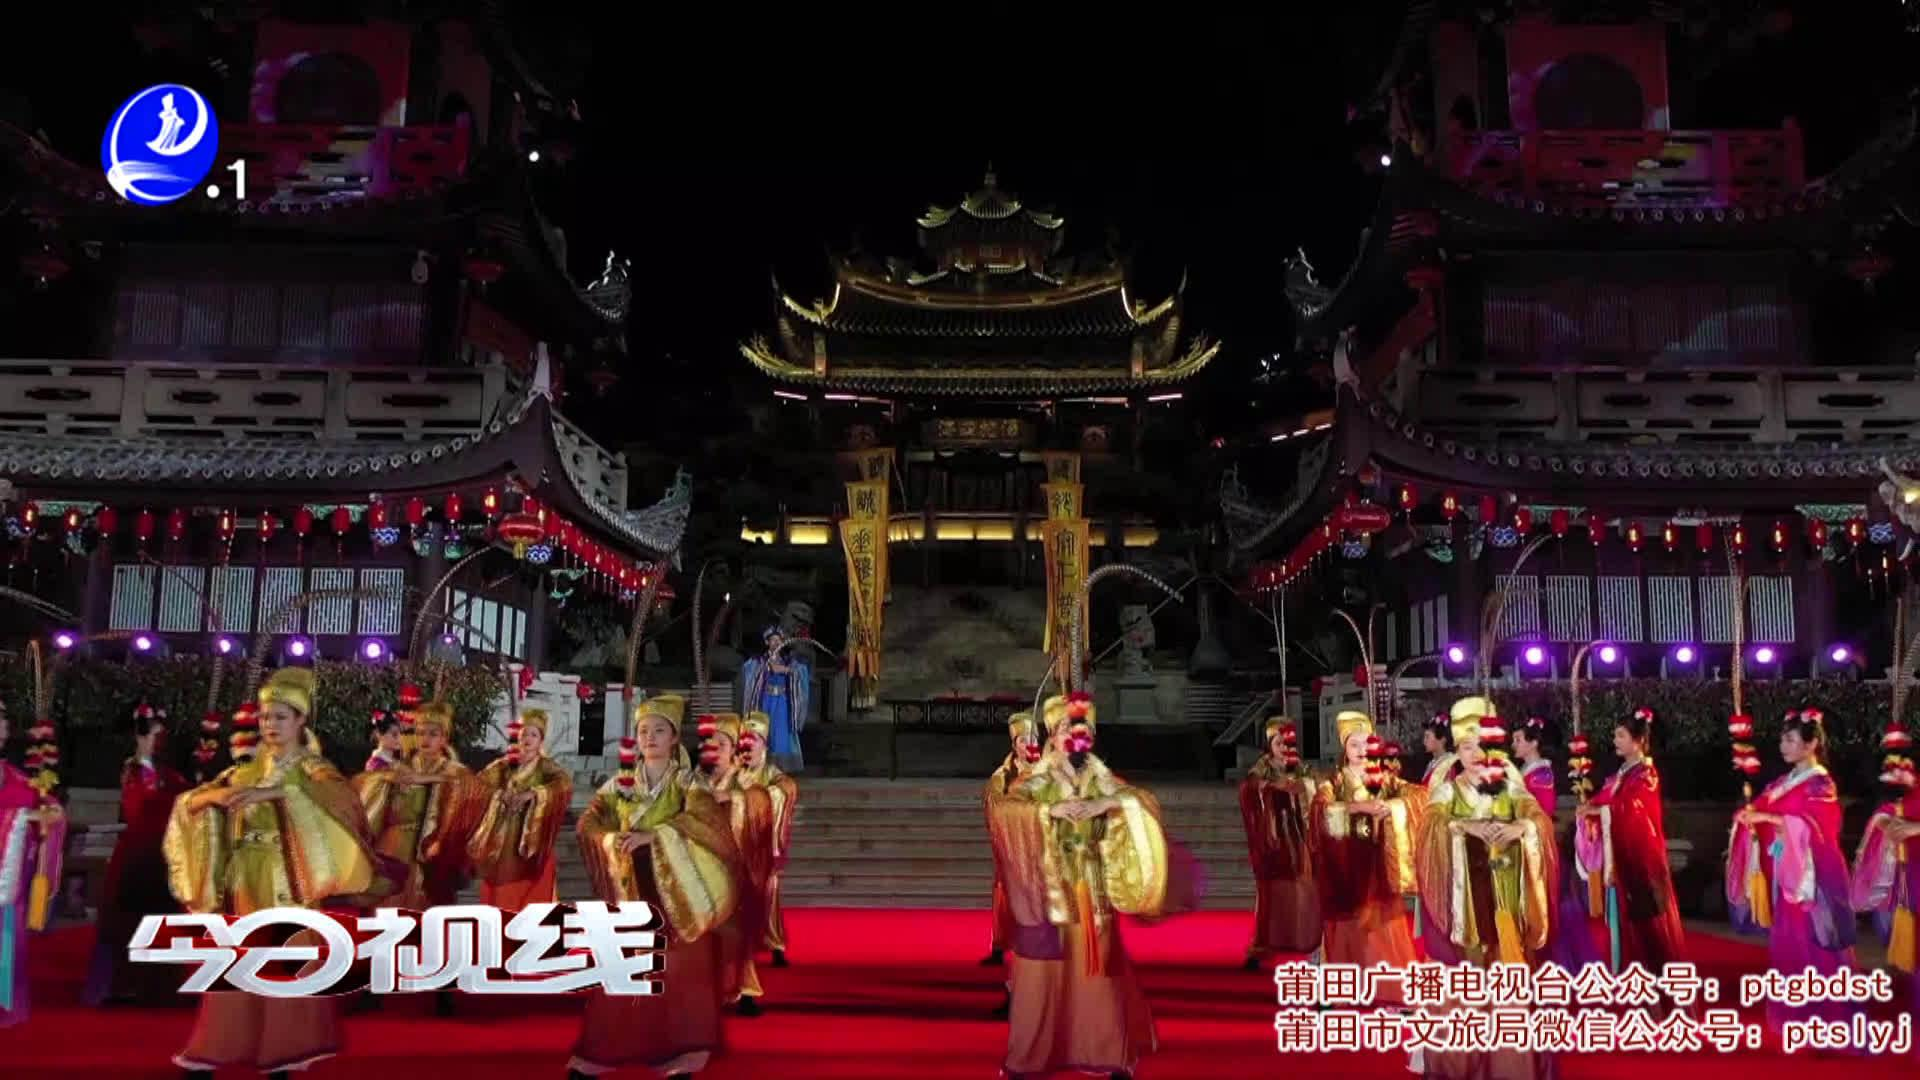 莆田湄洲岛:实景演出《祥瑞湄洲》14日晚上首演